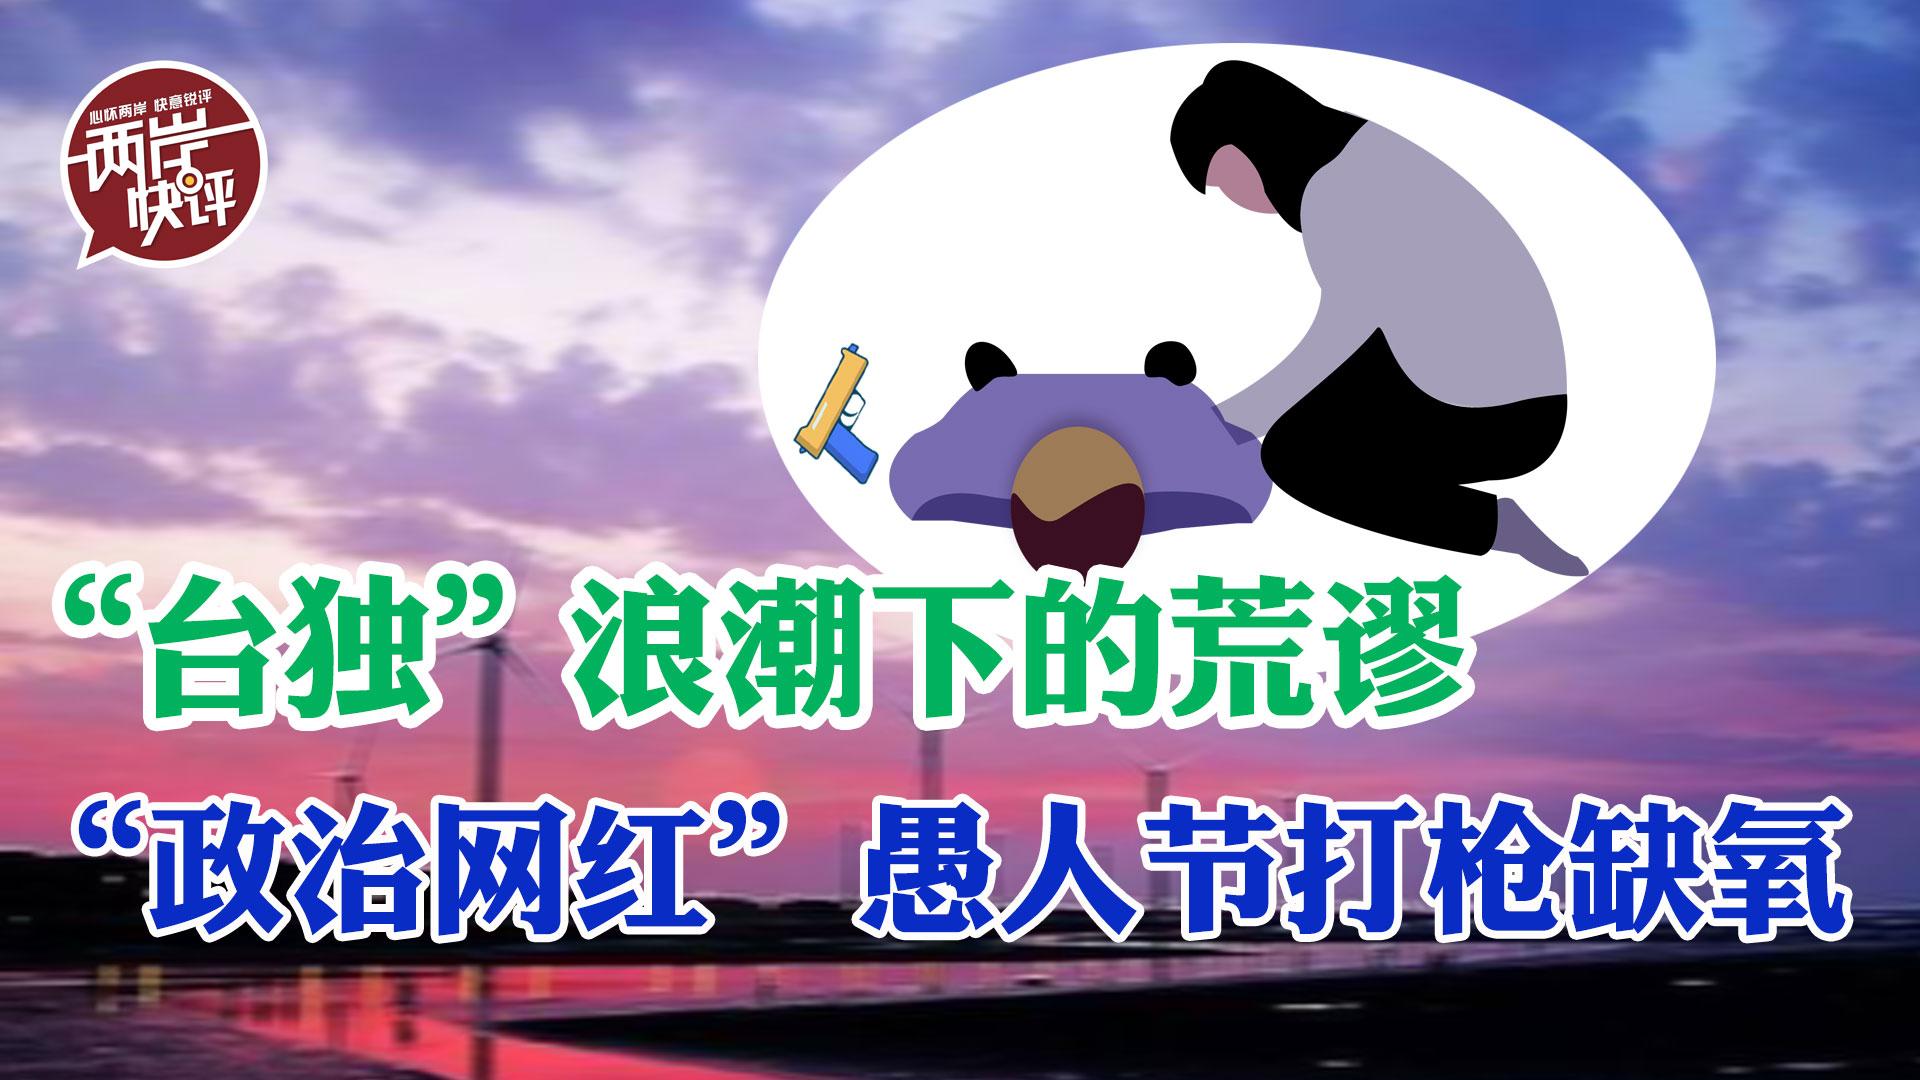 """""""台独""""浪潮下的荒谬:邀香港人来台当兵的""""立委""""愚人节打枪缺氧了图片"""